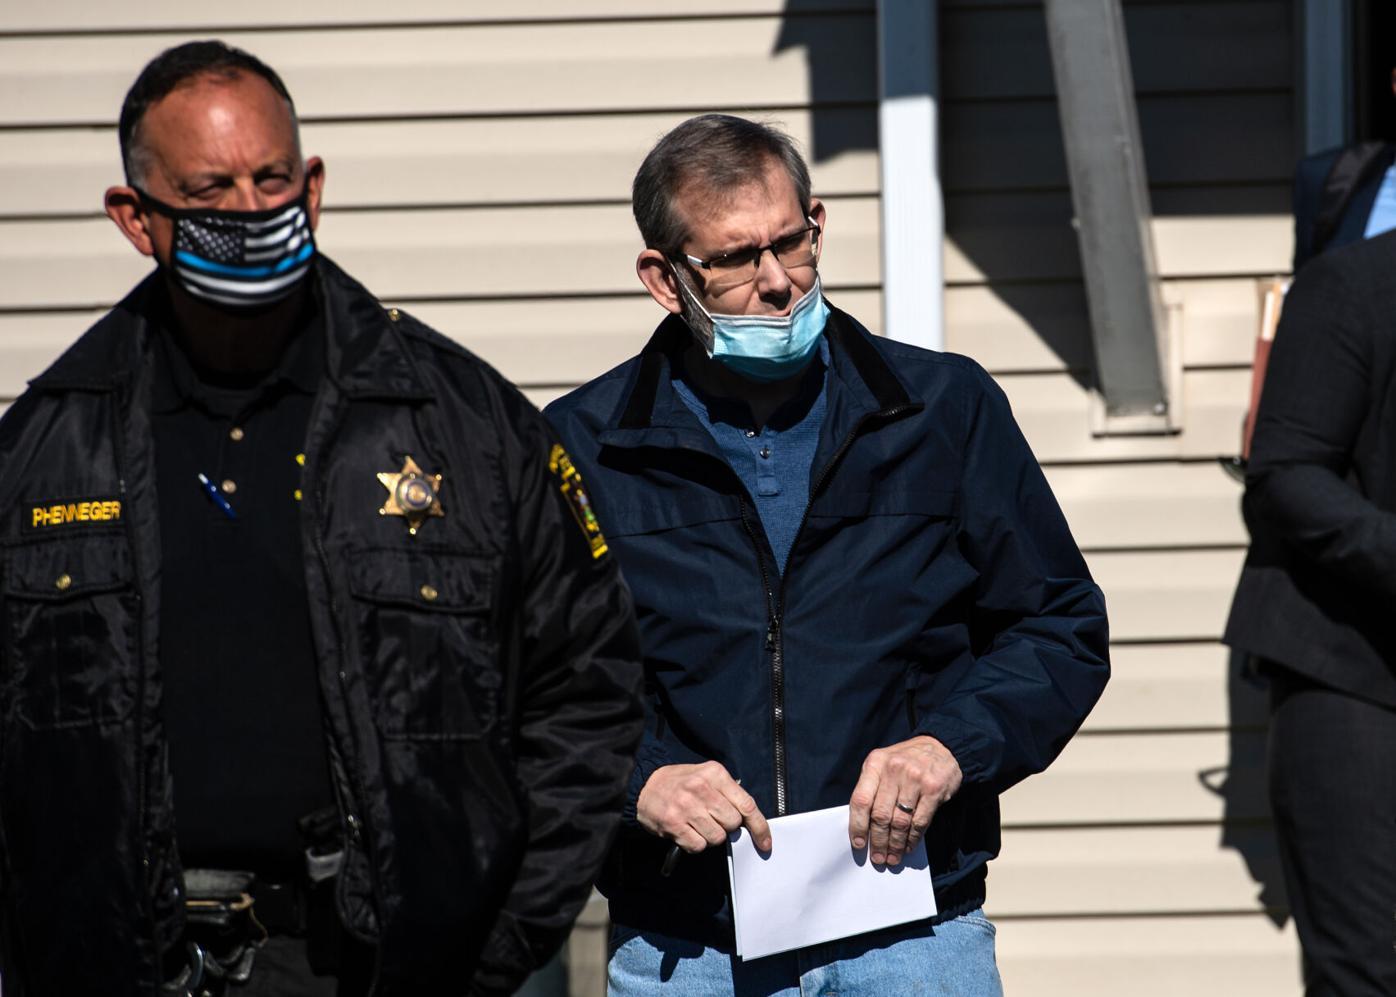 Andrew Scheid appears in court